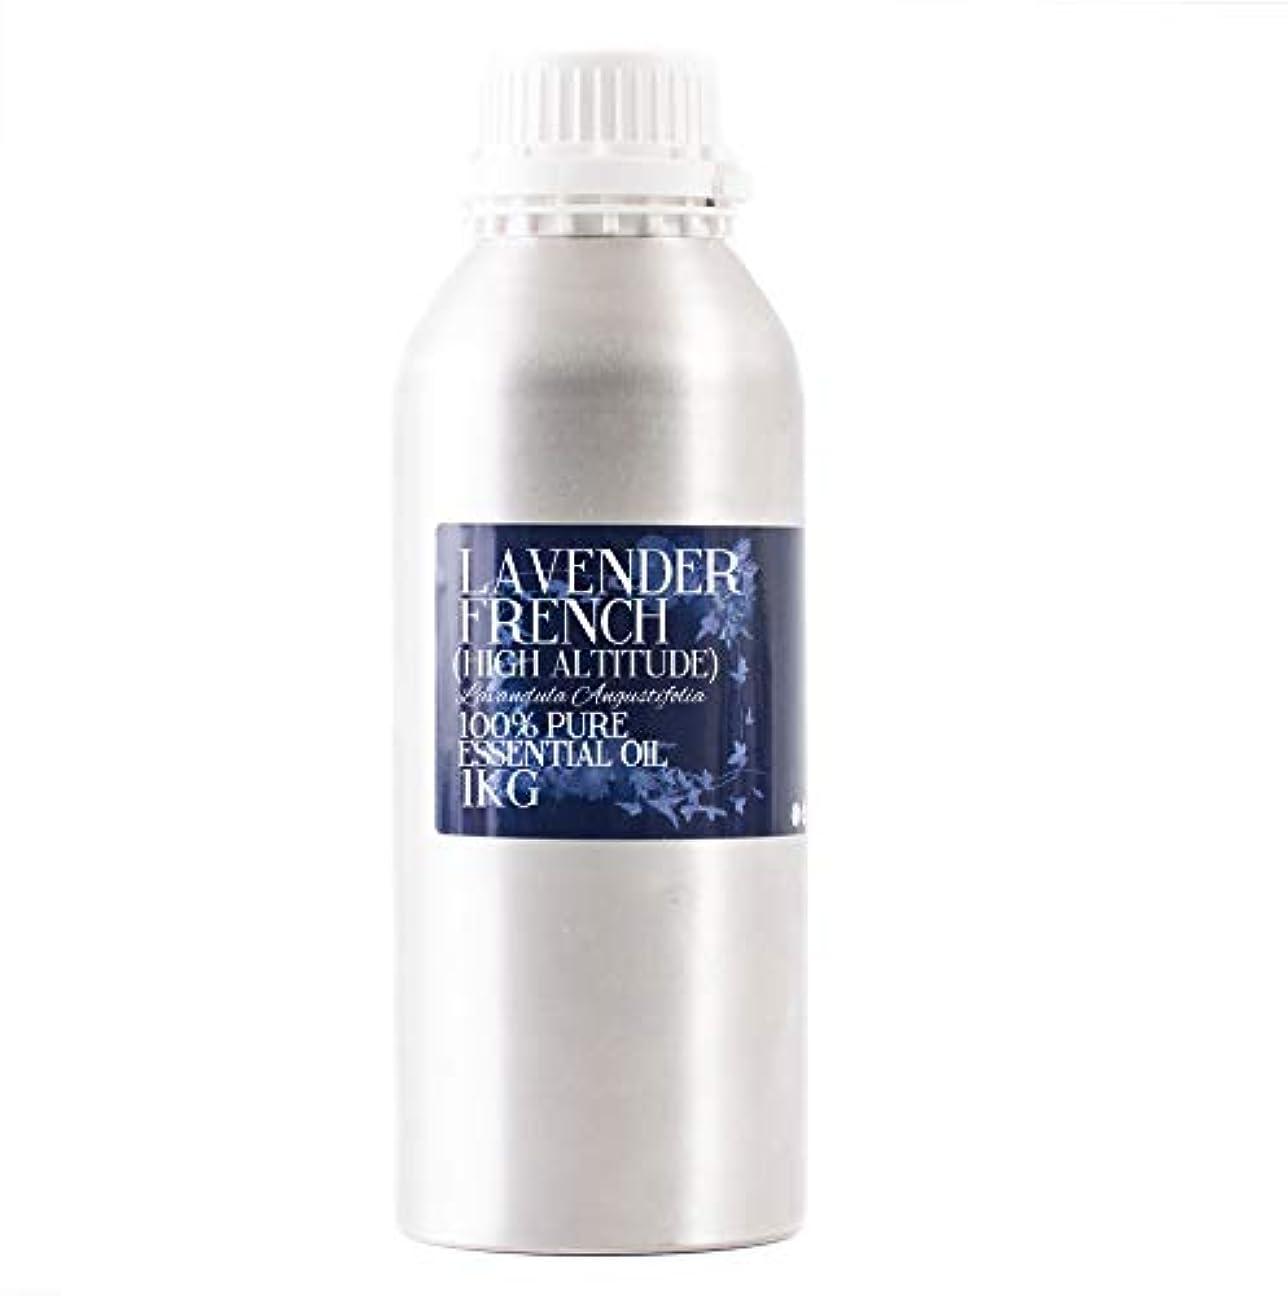 知覚的立証するコミュニティMystic Moments | Lavender French (High Altitude) Essential Oil - 1Kg - 100% Pure